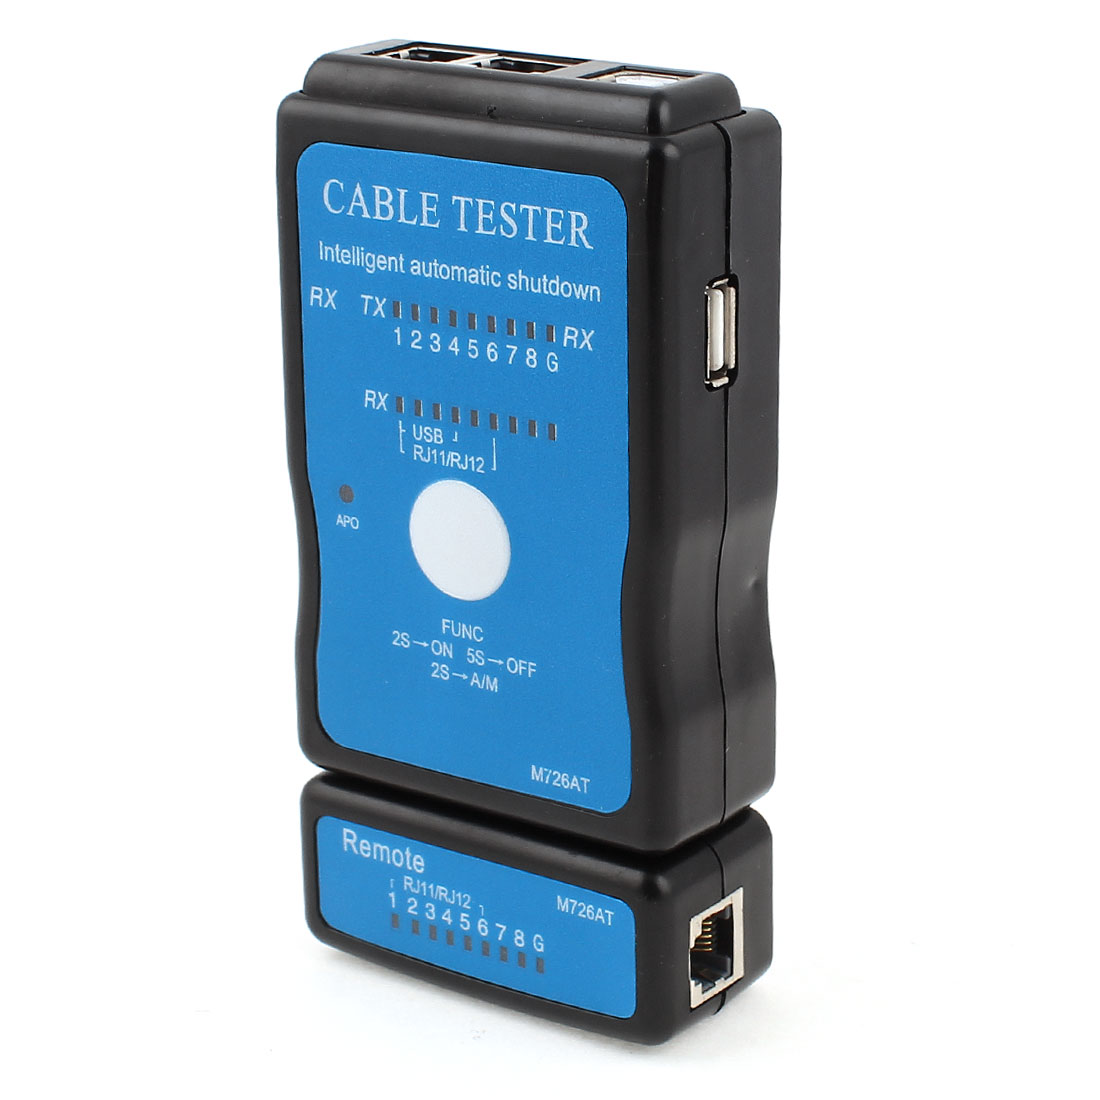 Plastic 9V Battery Multi Purpose RJ12 RJ11 LAN Network Modular Cable Tester